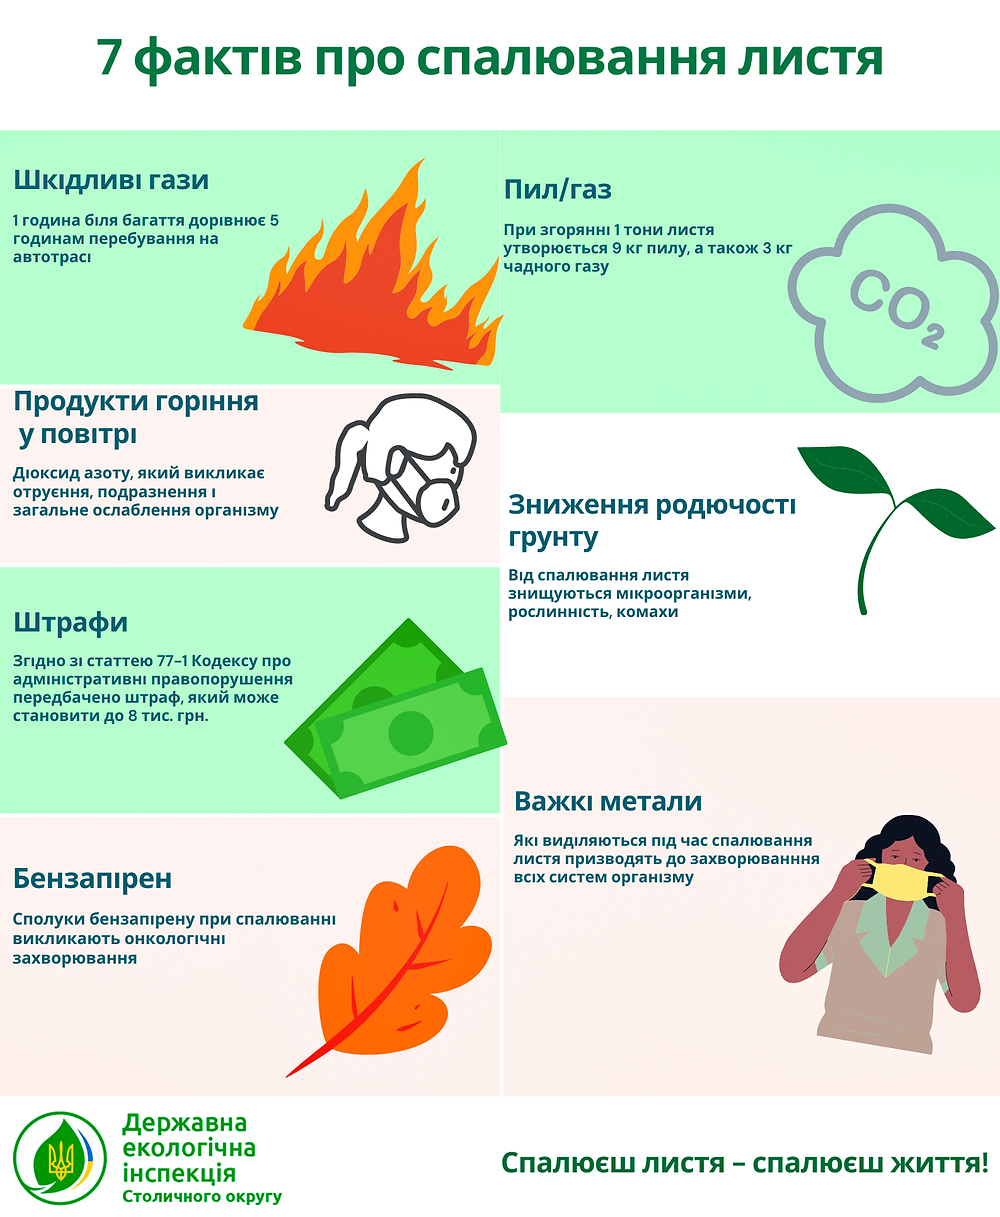 Факти про спалювання листя